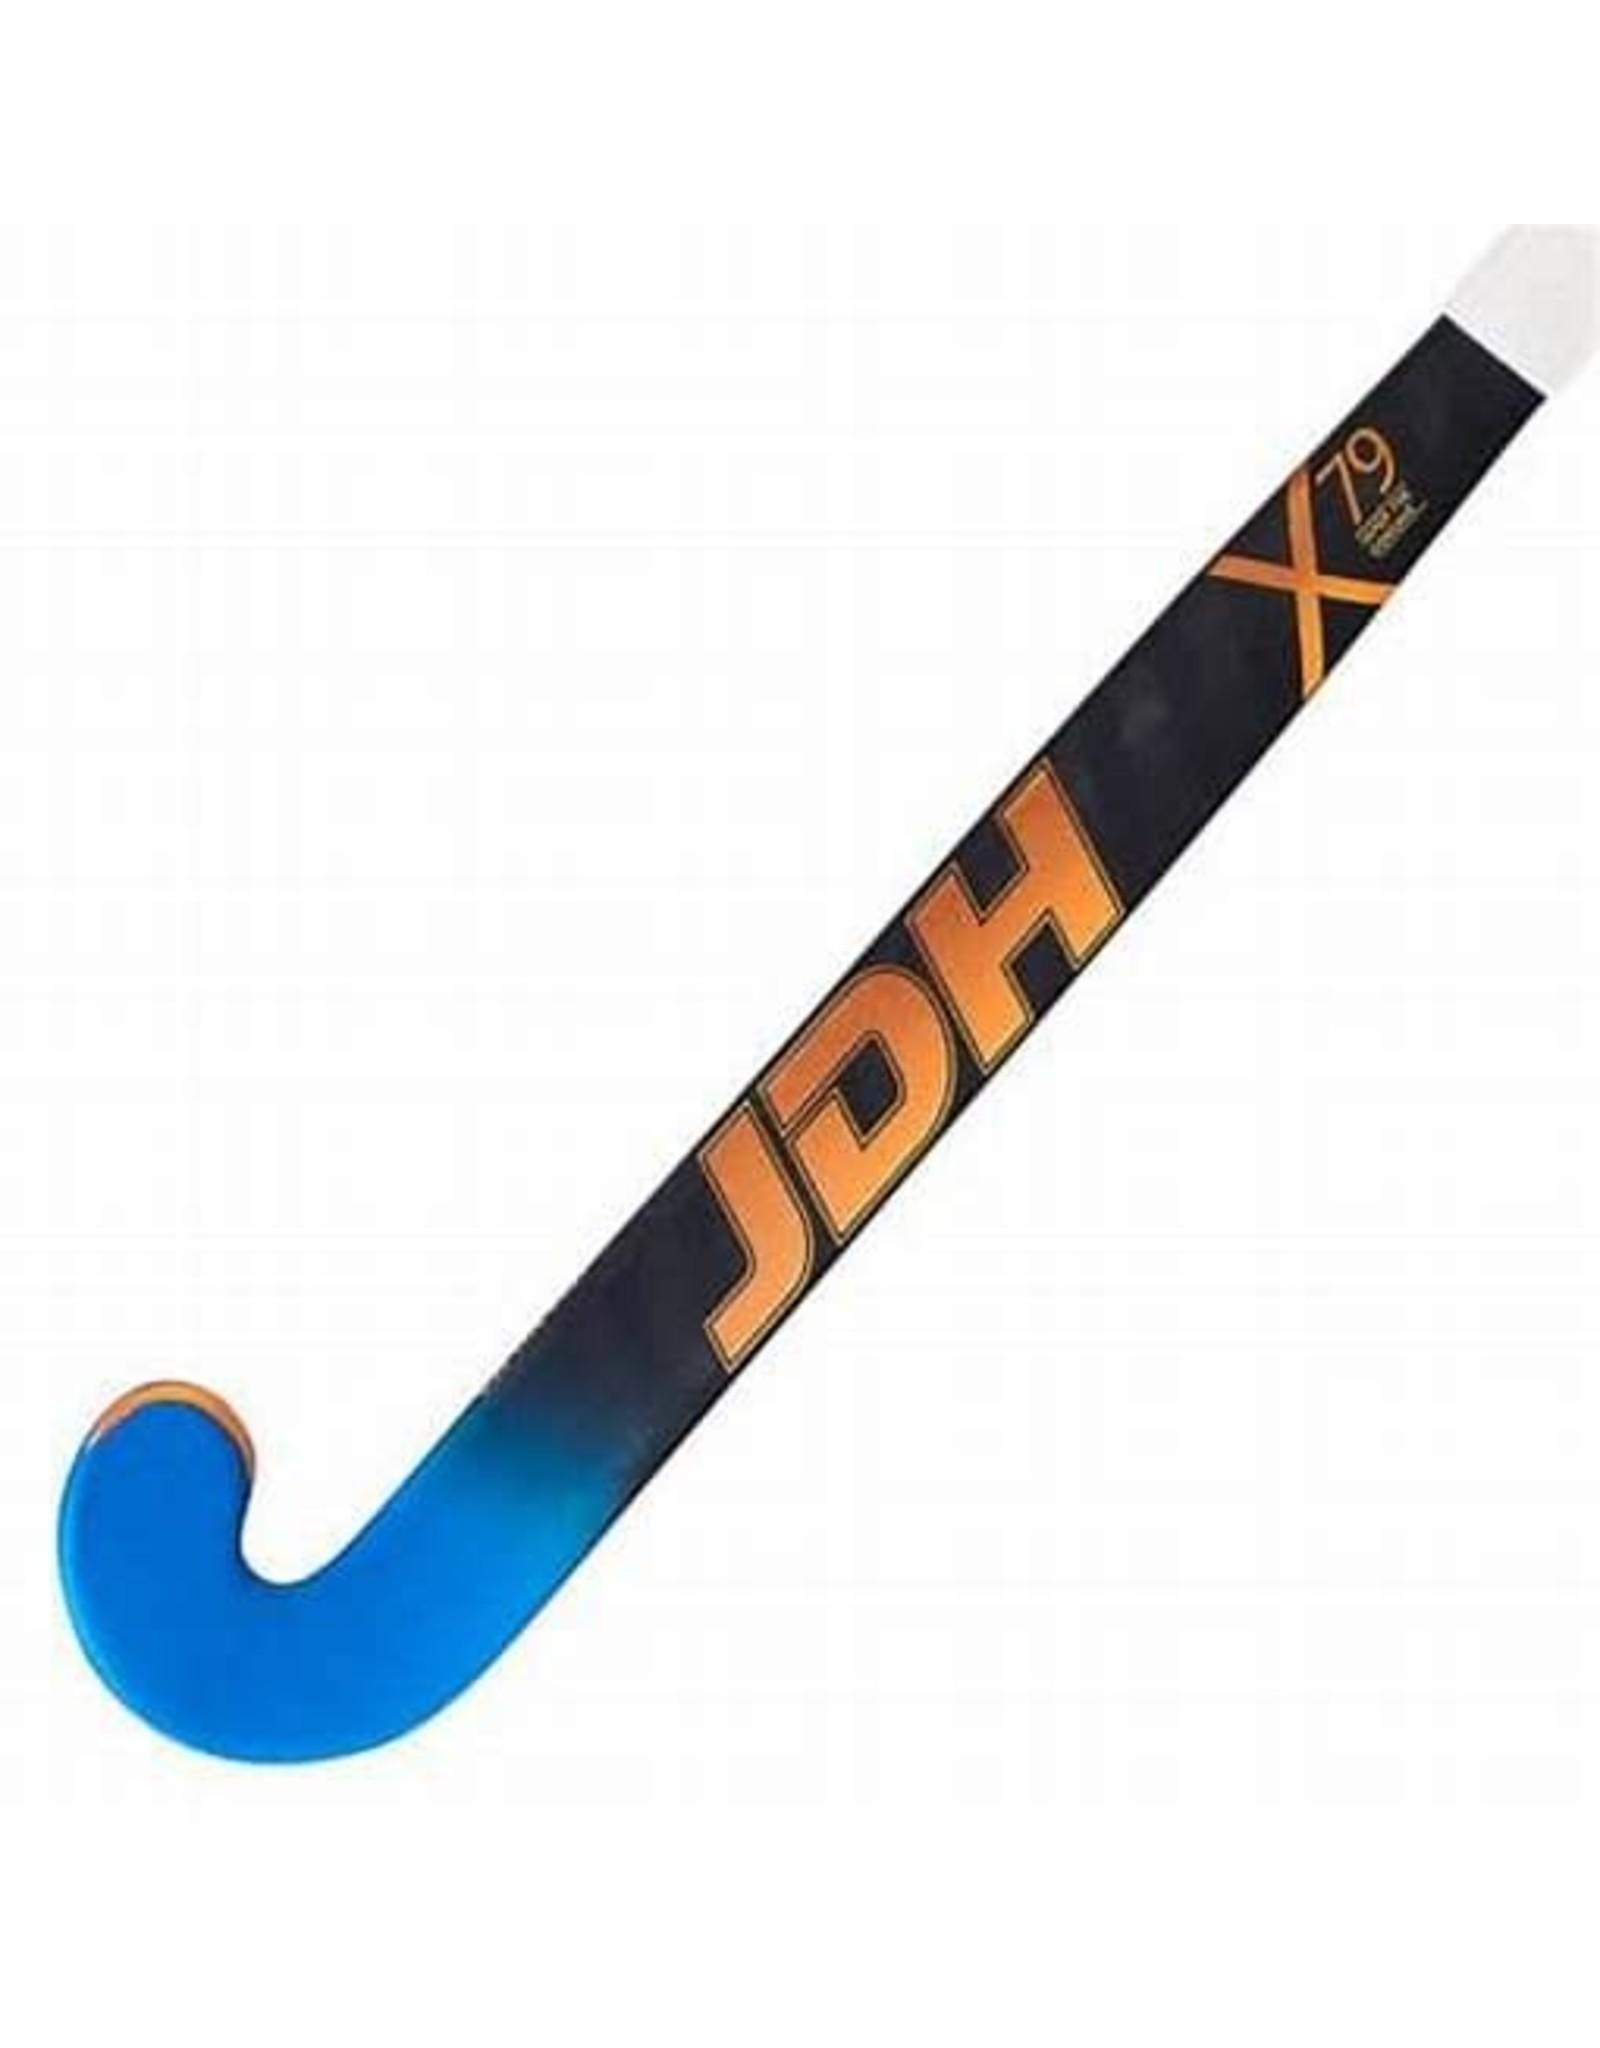 JDH JDH X79 CONCAVE 20-21